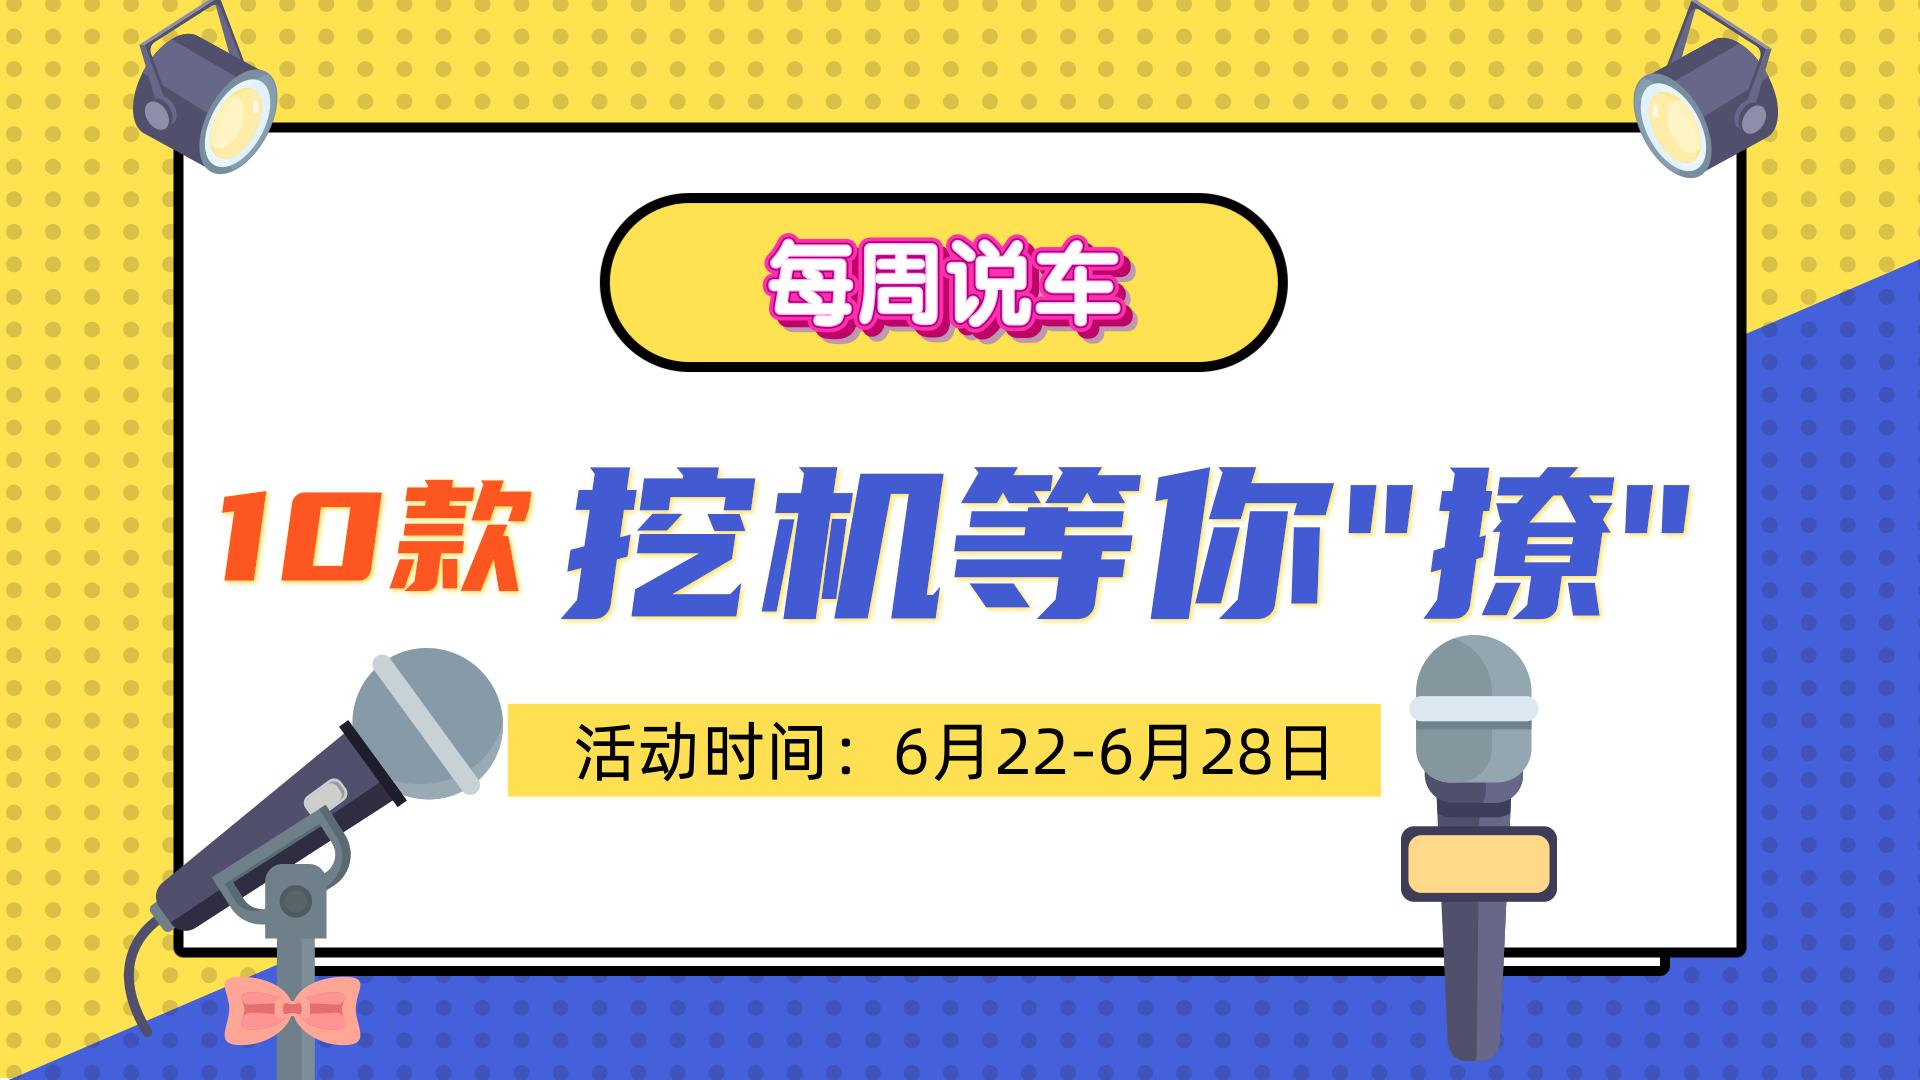 """【有奖活动】每周说车第三期,这10款机子你敢""""撩""""吗?"""